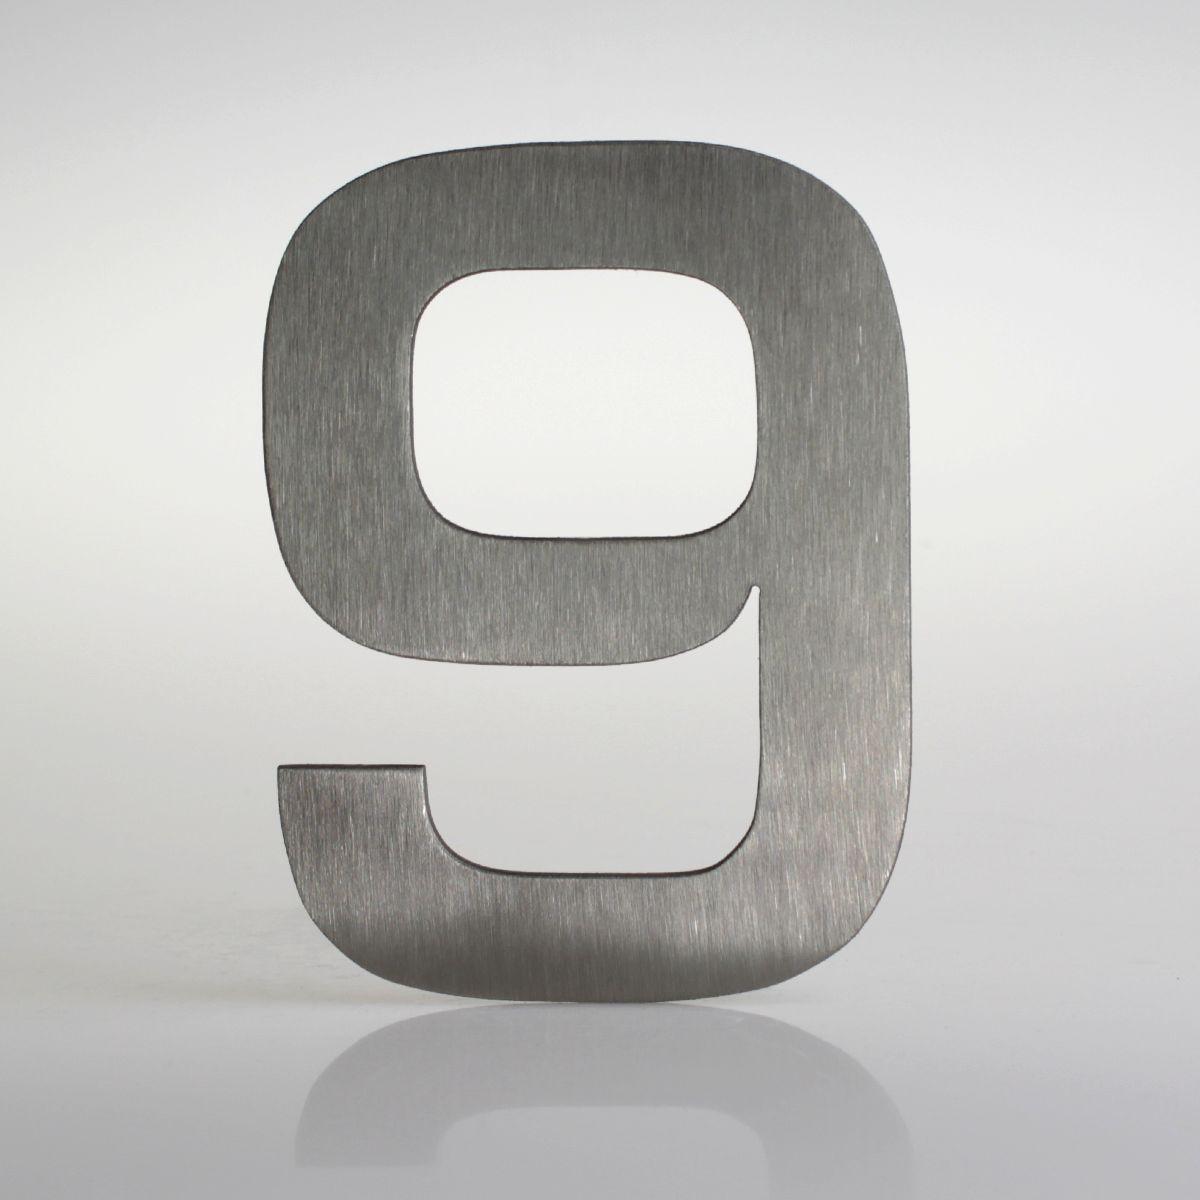 Domovní číslo popisné Nerez EUROMODE - č. 9